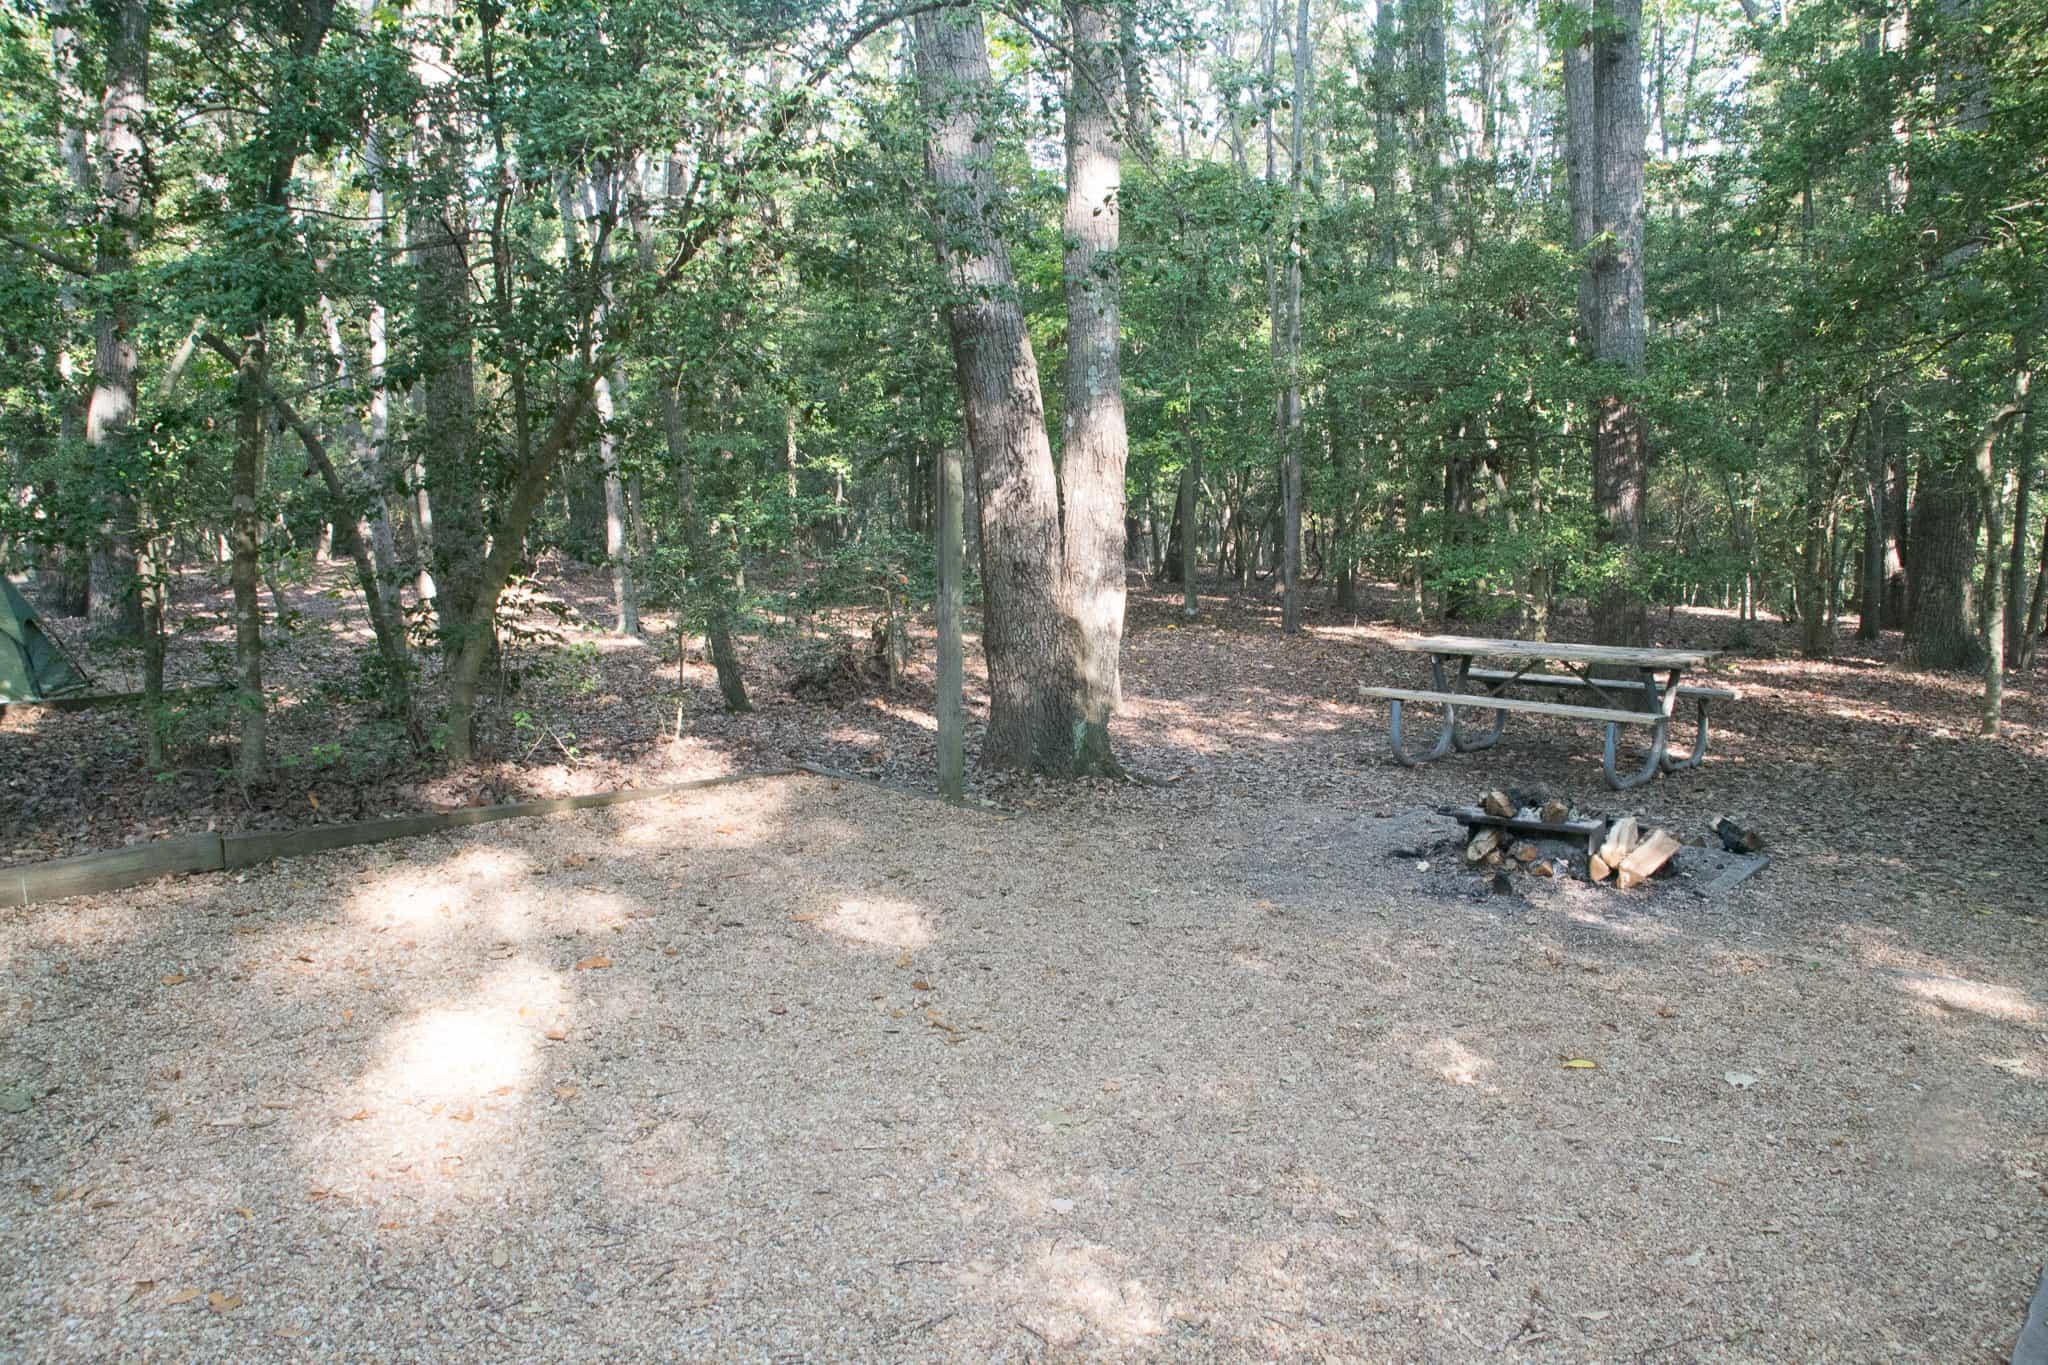 2013_10_06 10_16_59 Westmoreland State Park Camping (Ken)